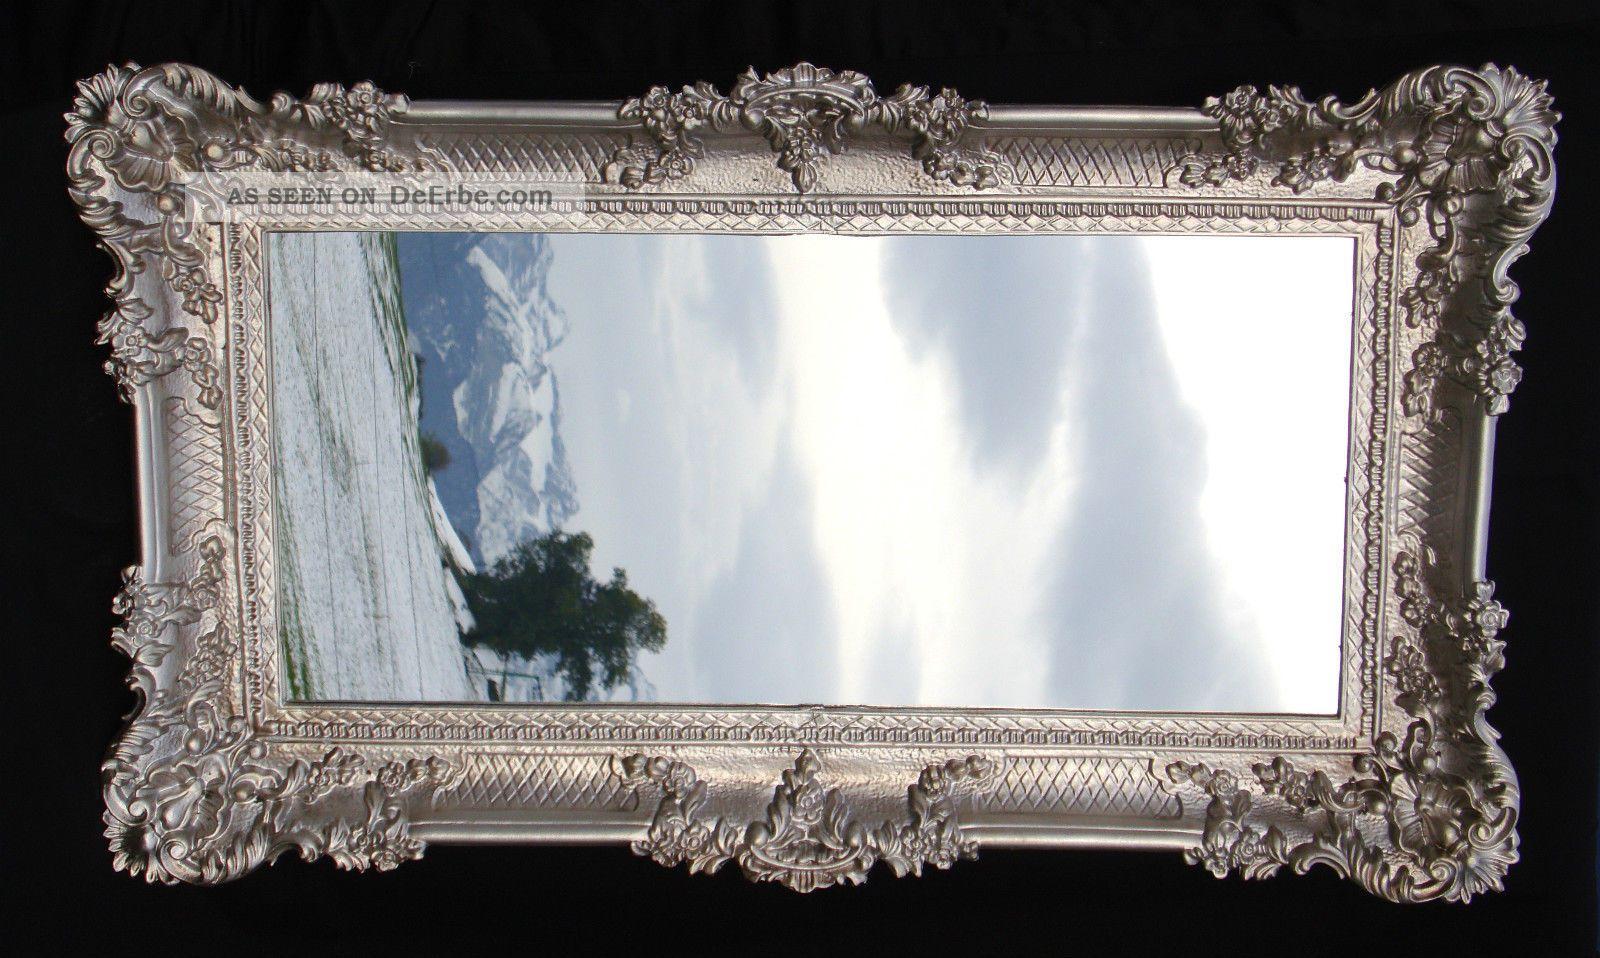 bilderrahmen wei gold barock gem lderahmen rokoko 96x57 spiegelrahmen antik 0. Black Bedroom Furniture Sets. Home Design Ideas